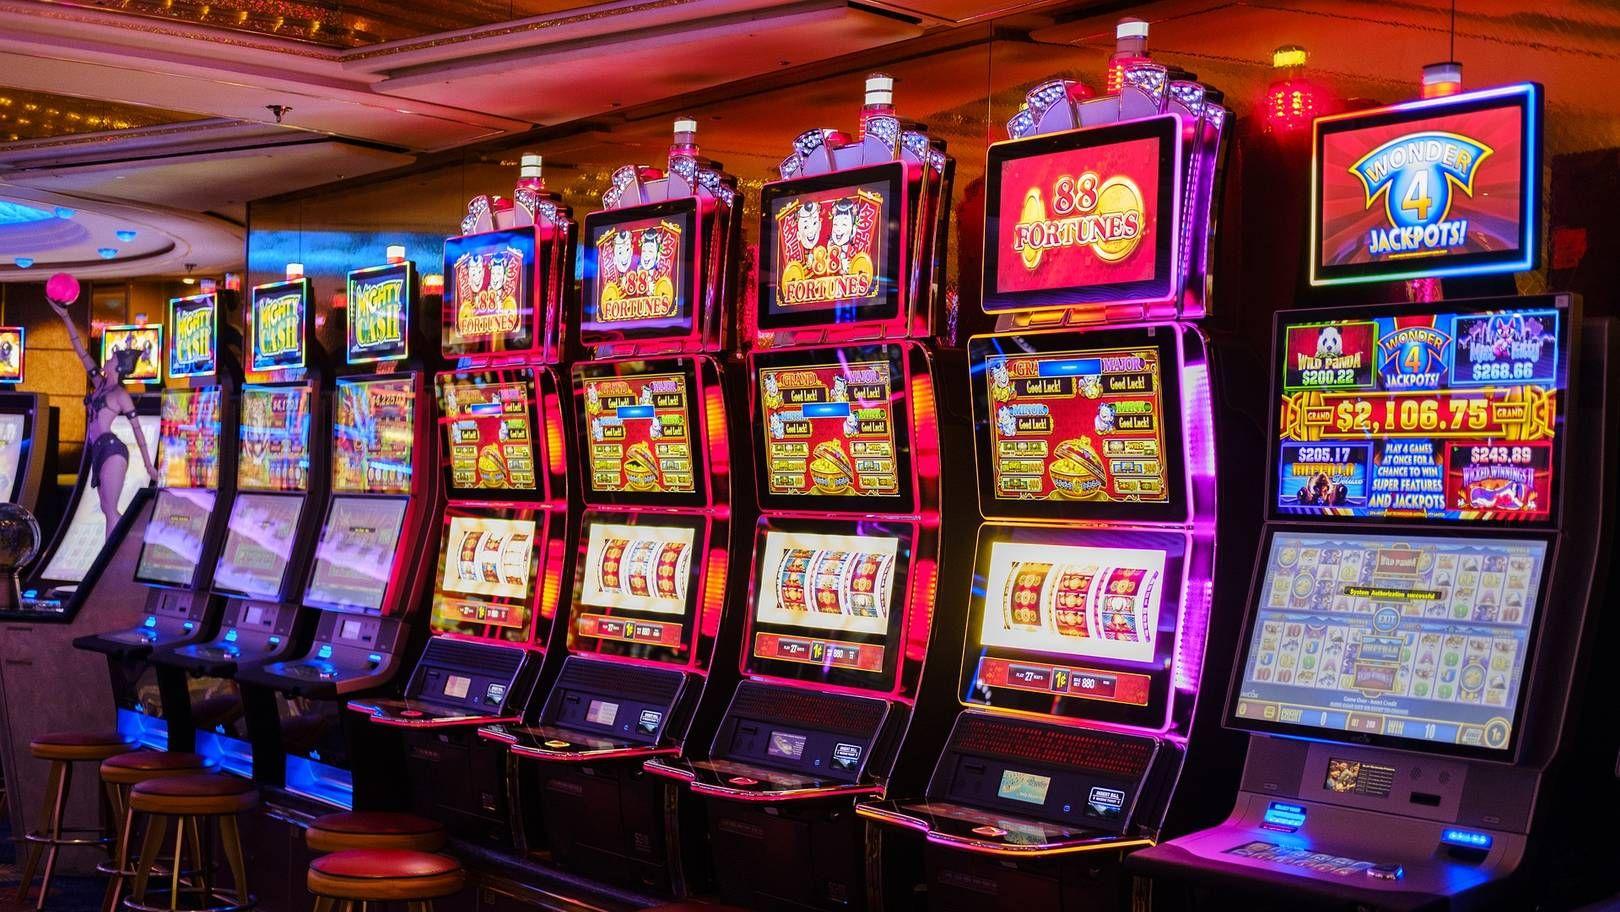 Игровые автоматы в интернет на интересы фильм казино 2012 онлайн